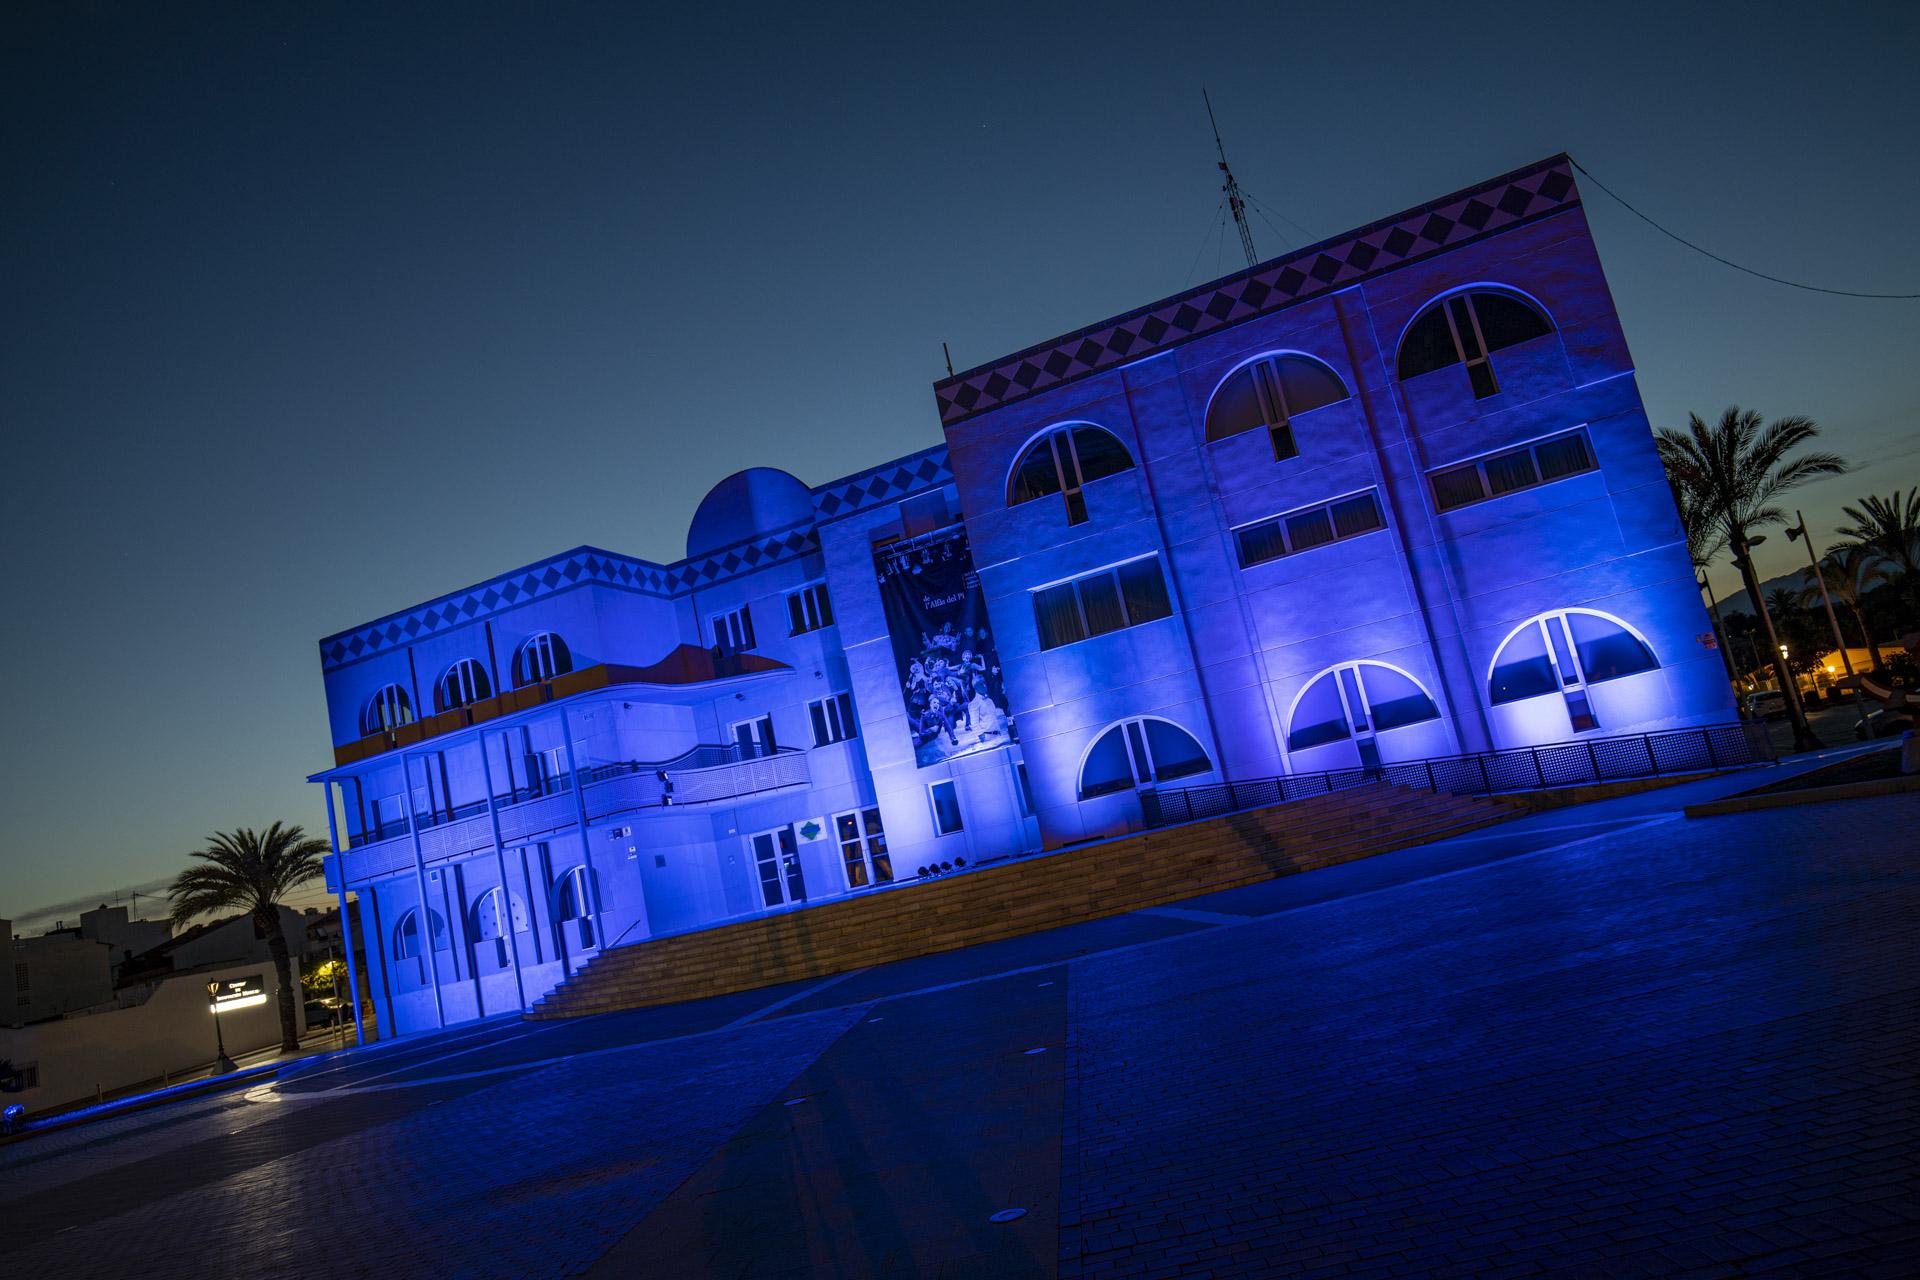 Edificio con luces azules